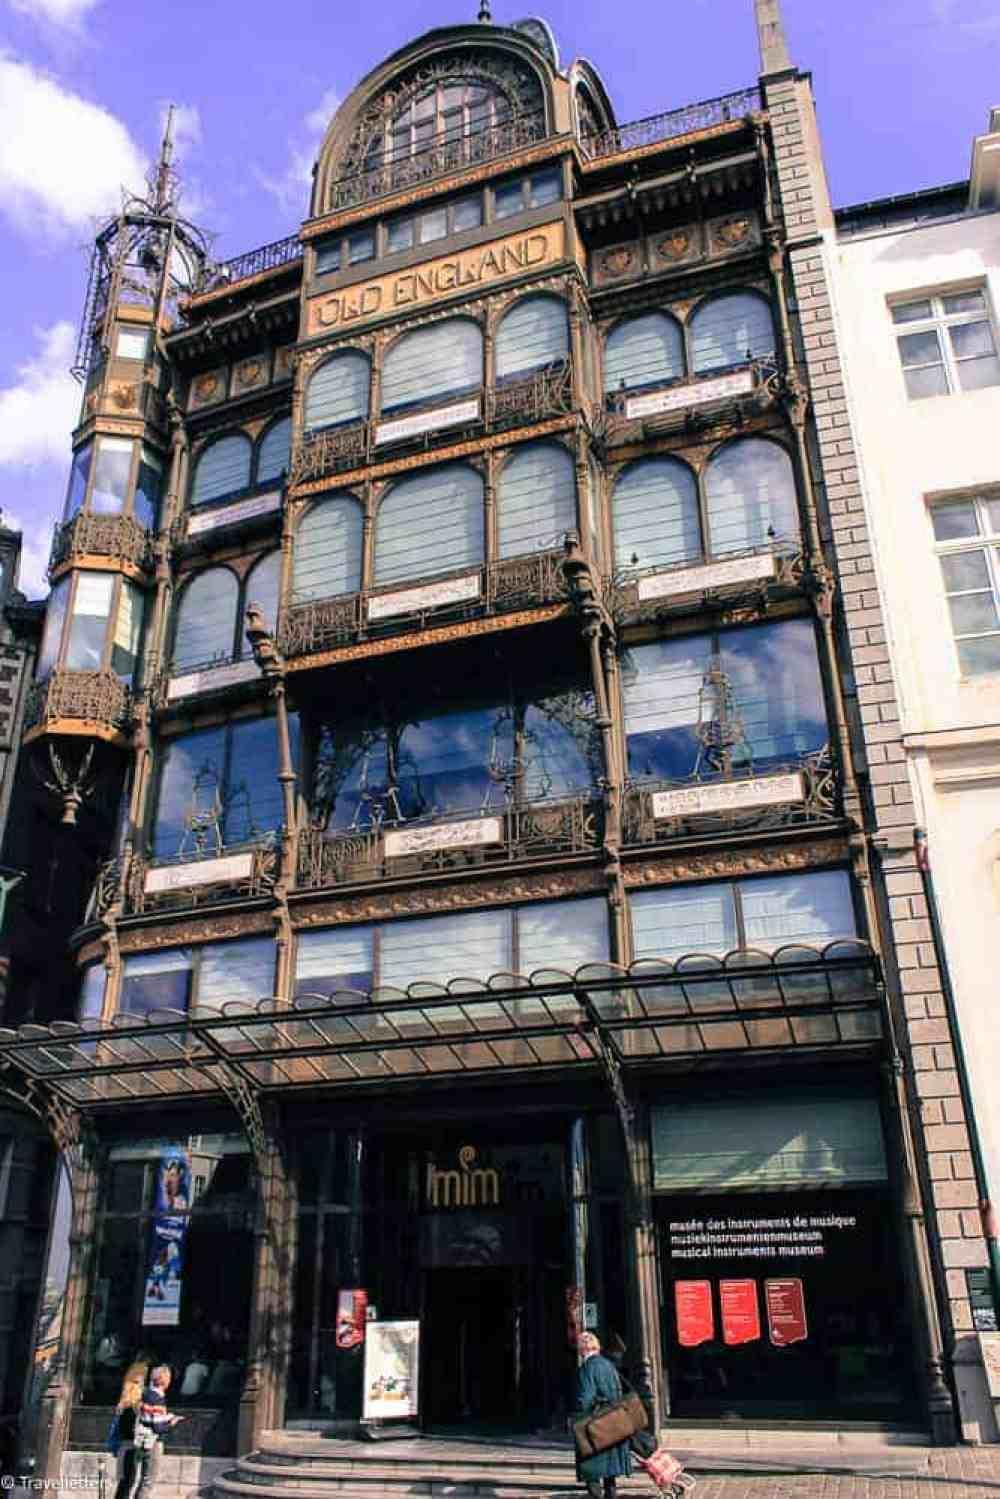 Arkitekturen til MIM-musical instrument museum i Brussel, Storbyferie i Europa, weekendtur til Brussel, høst destinasjon, beste storby for weekendtur i oktober, ting å gjøre i Brussel, jentetur til Brussel, kjærestetur til Brussel